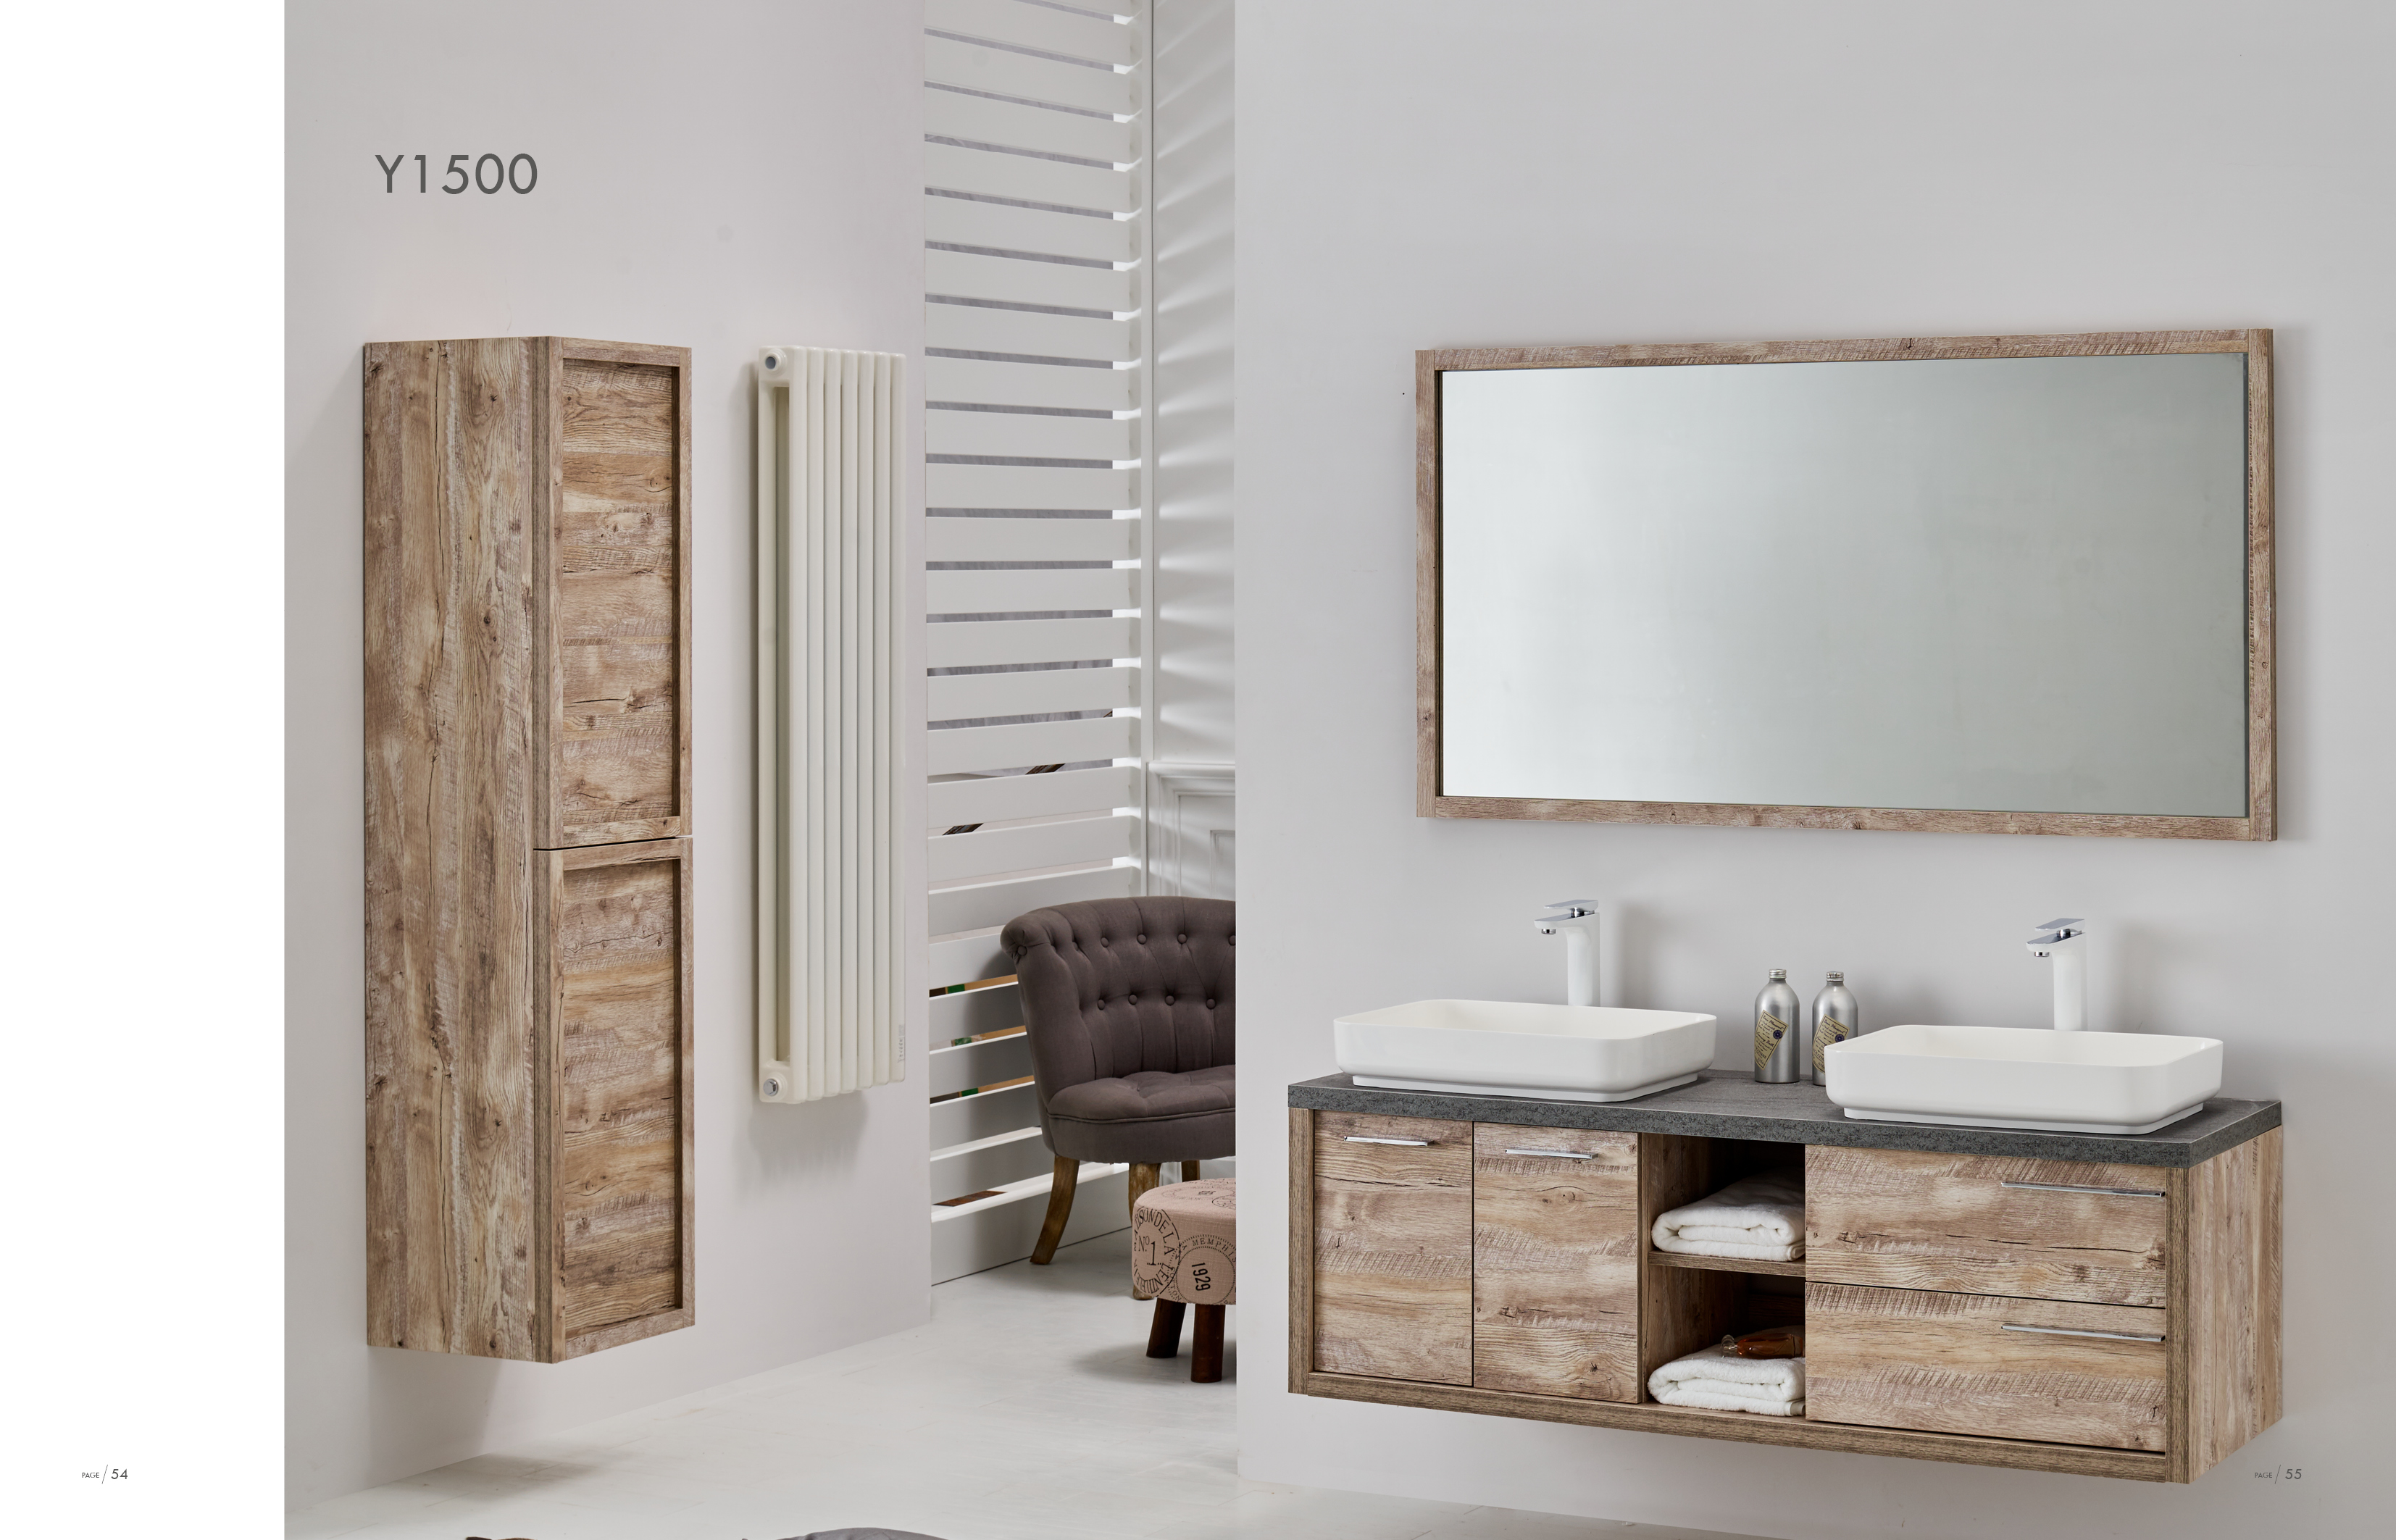 Meuble Salle De Bain Huy ~ meuble y 1500 salle de bain meubles sanit air